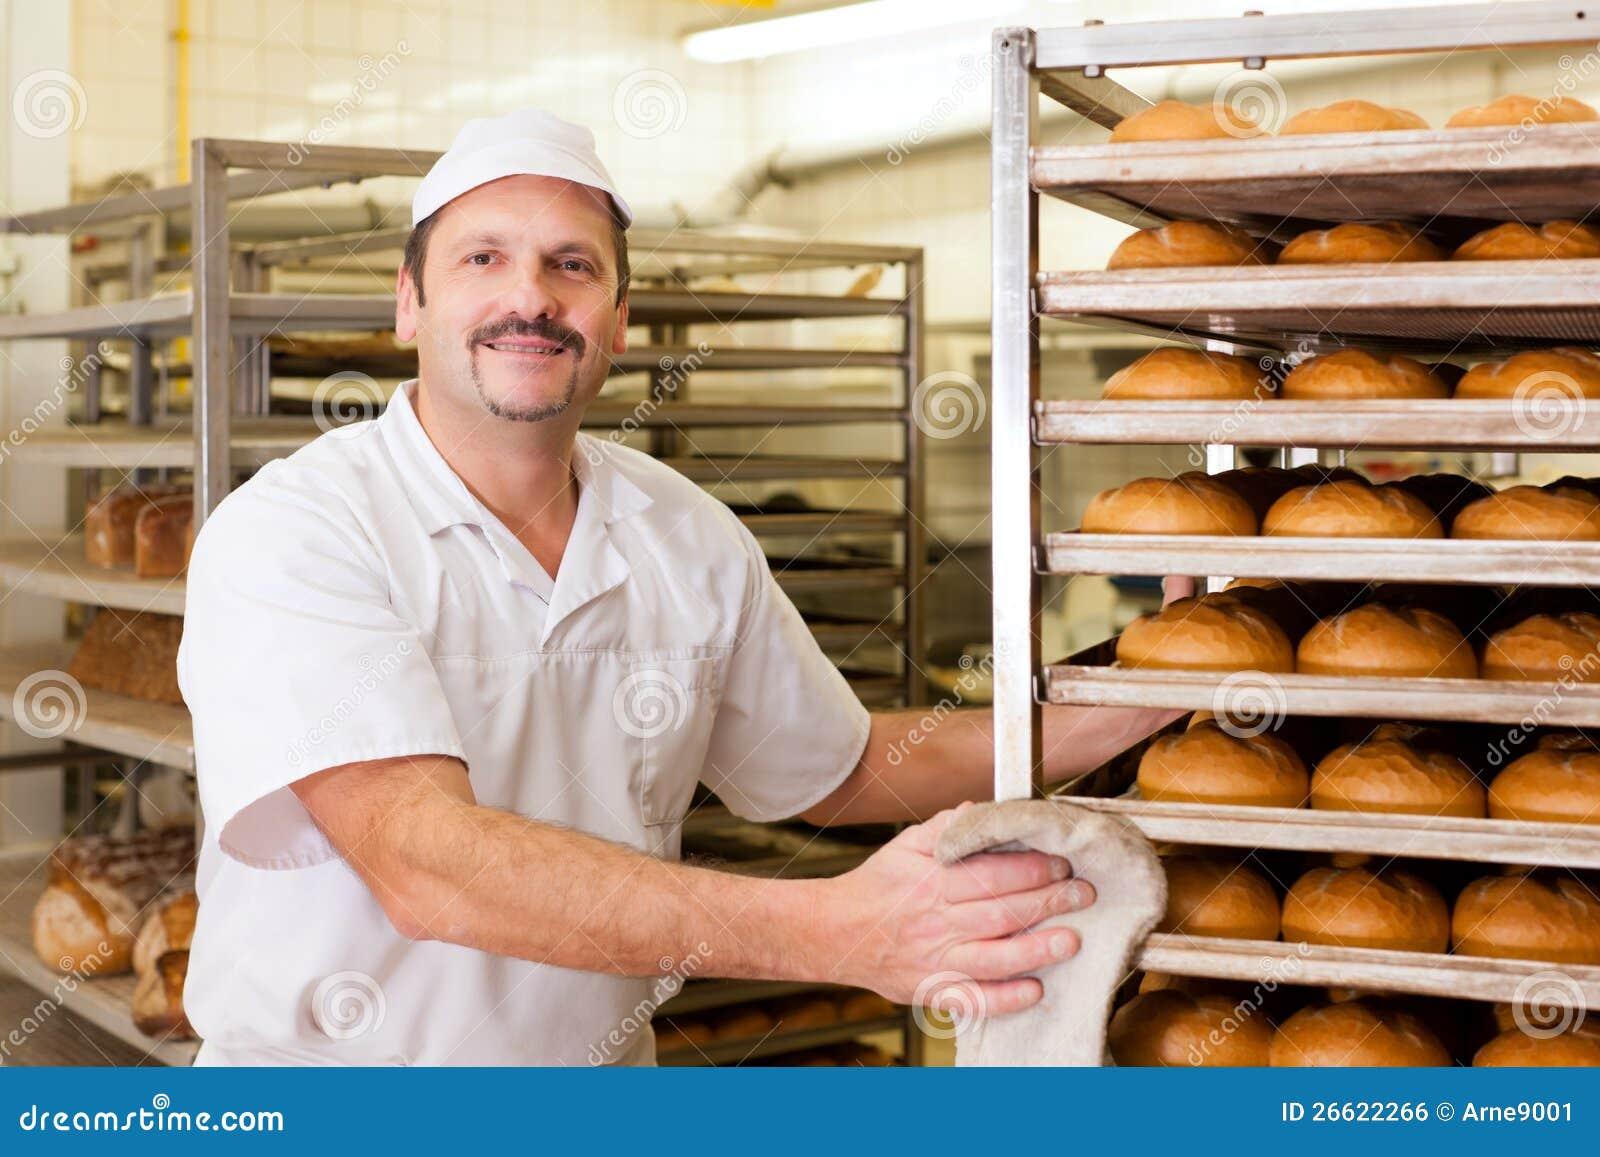 他的面包店烘烤面包的贝克